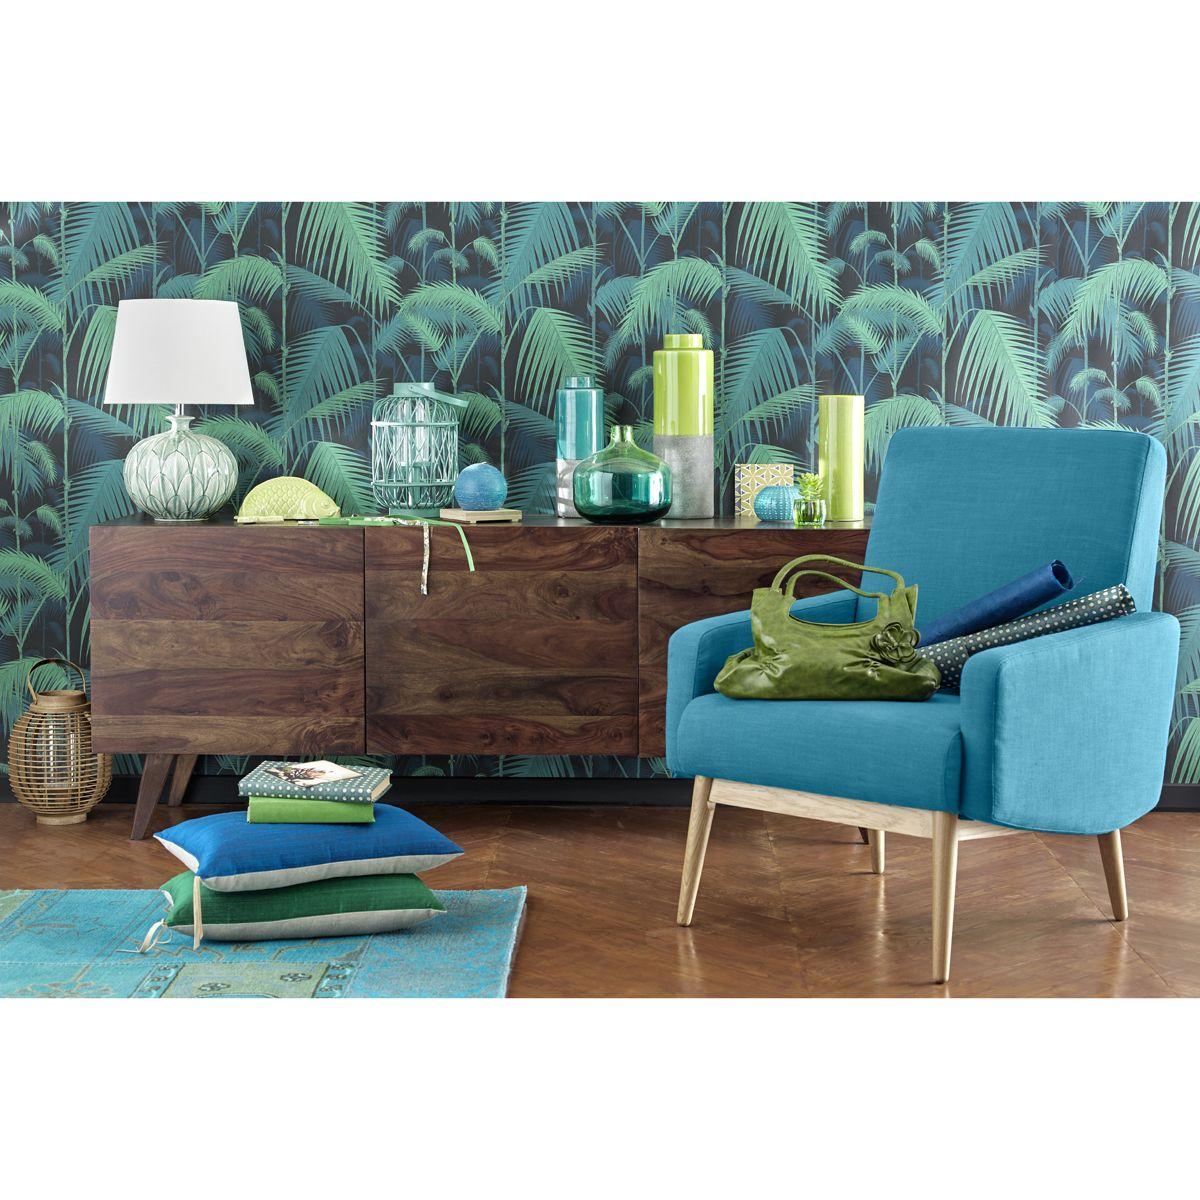 Fauteuil vintage en tissu bleu pétrole | House